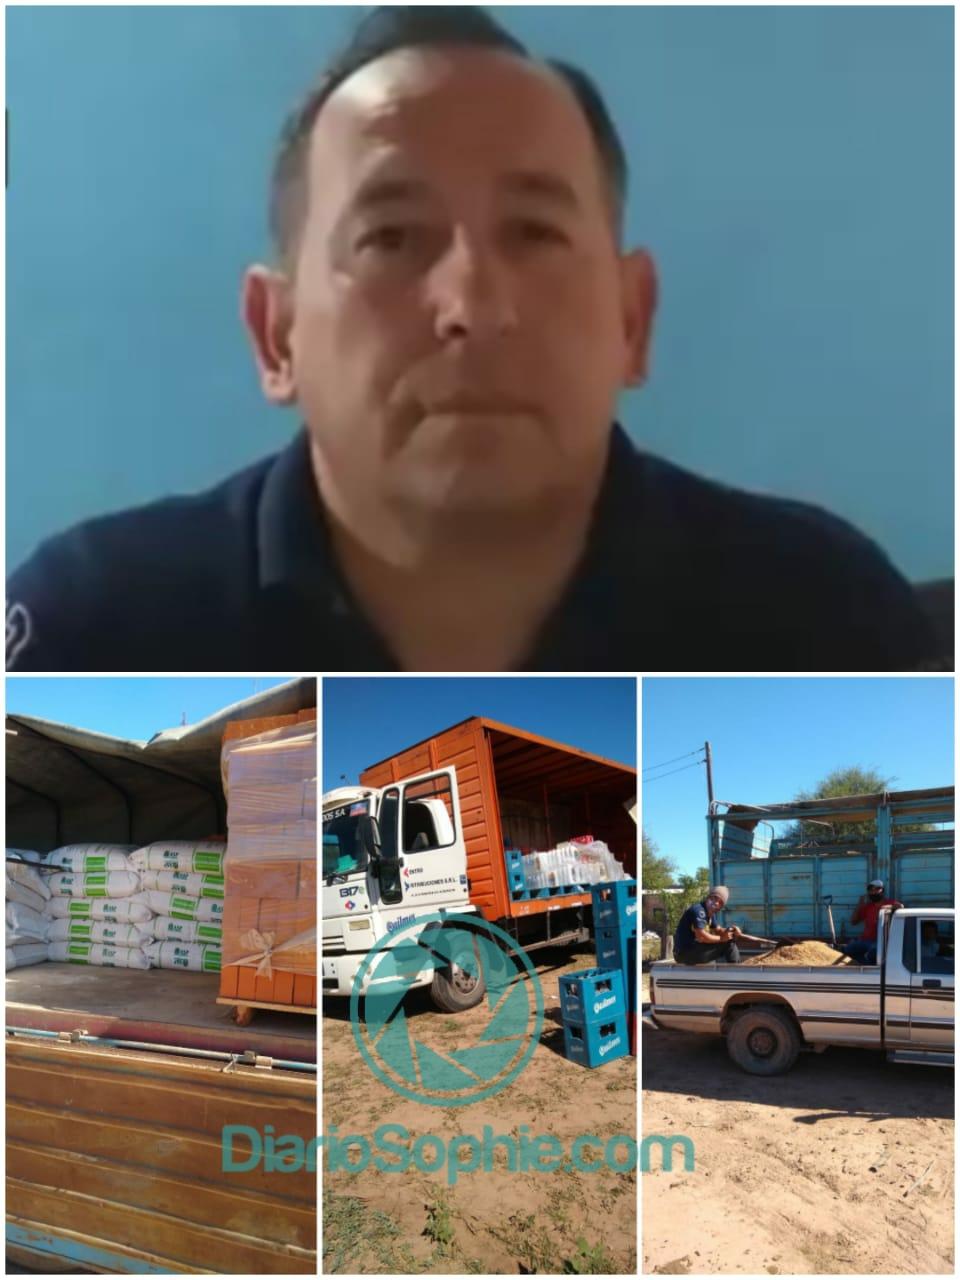 Le Mojaron la Oreja al Comisario Paredes: Transportistas enojados e indignados | Textuales palabras de los protagonistas